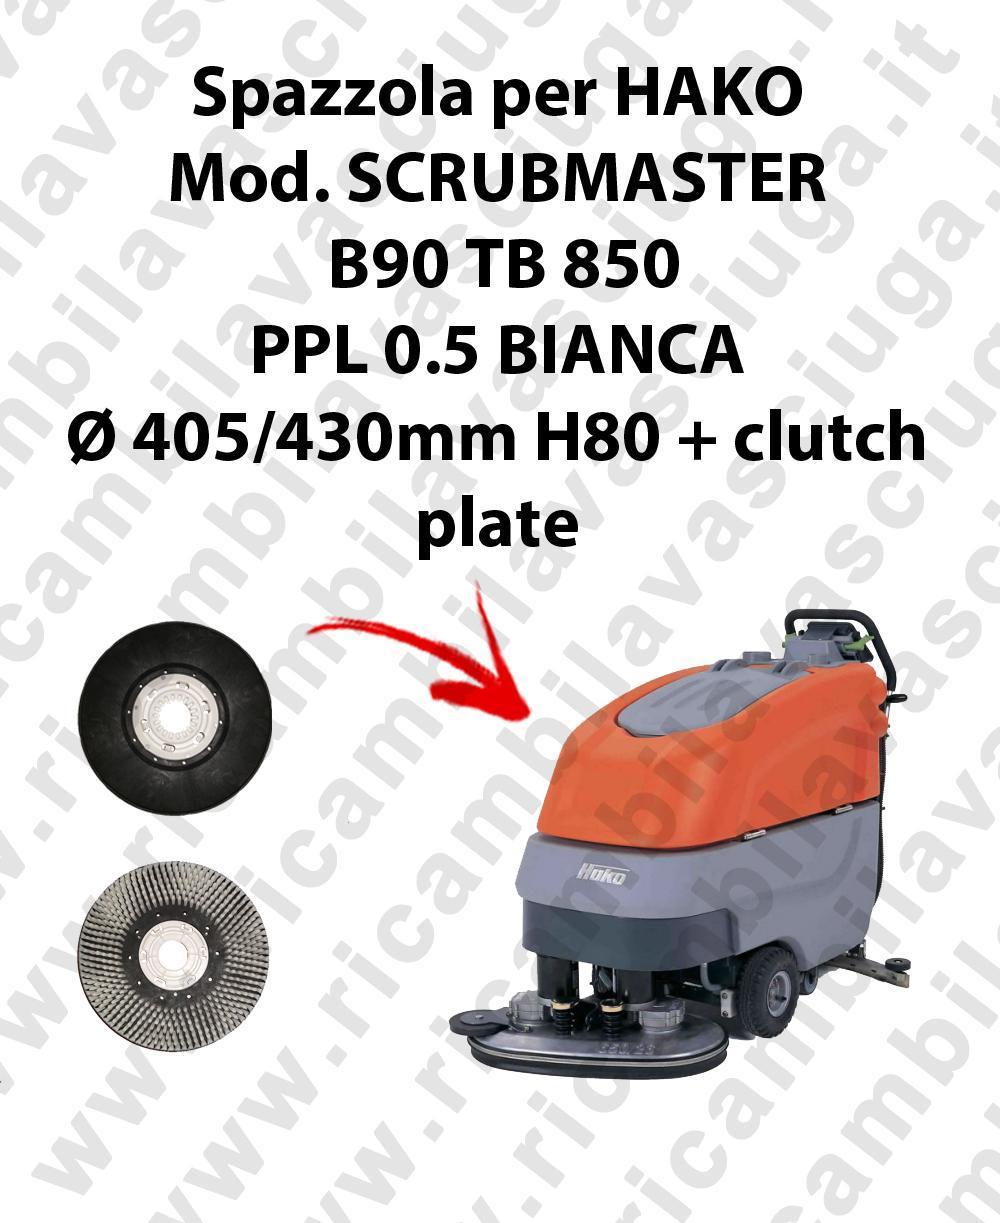 SCRUBMASTER B90 TB 850 Bürsten für scheuersaugmaschinen HAKO